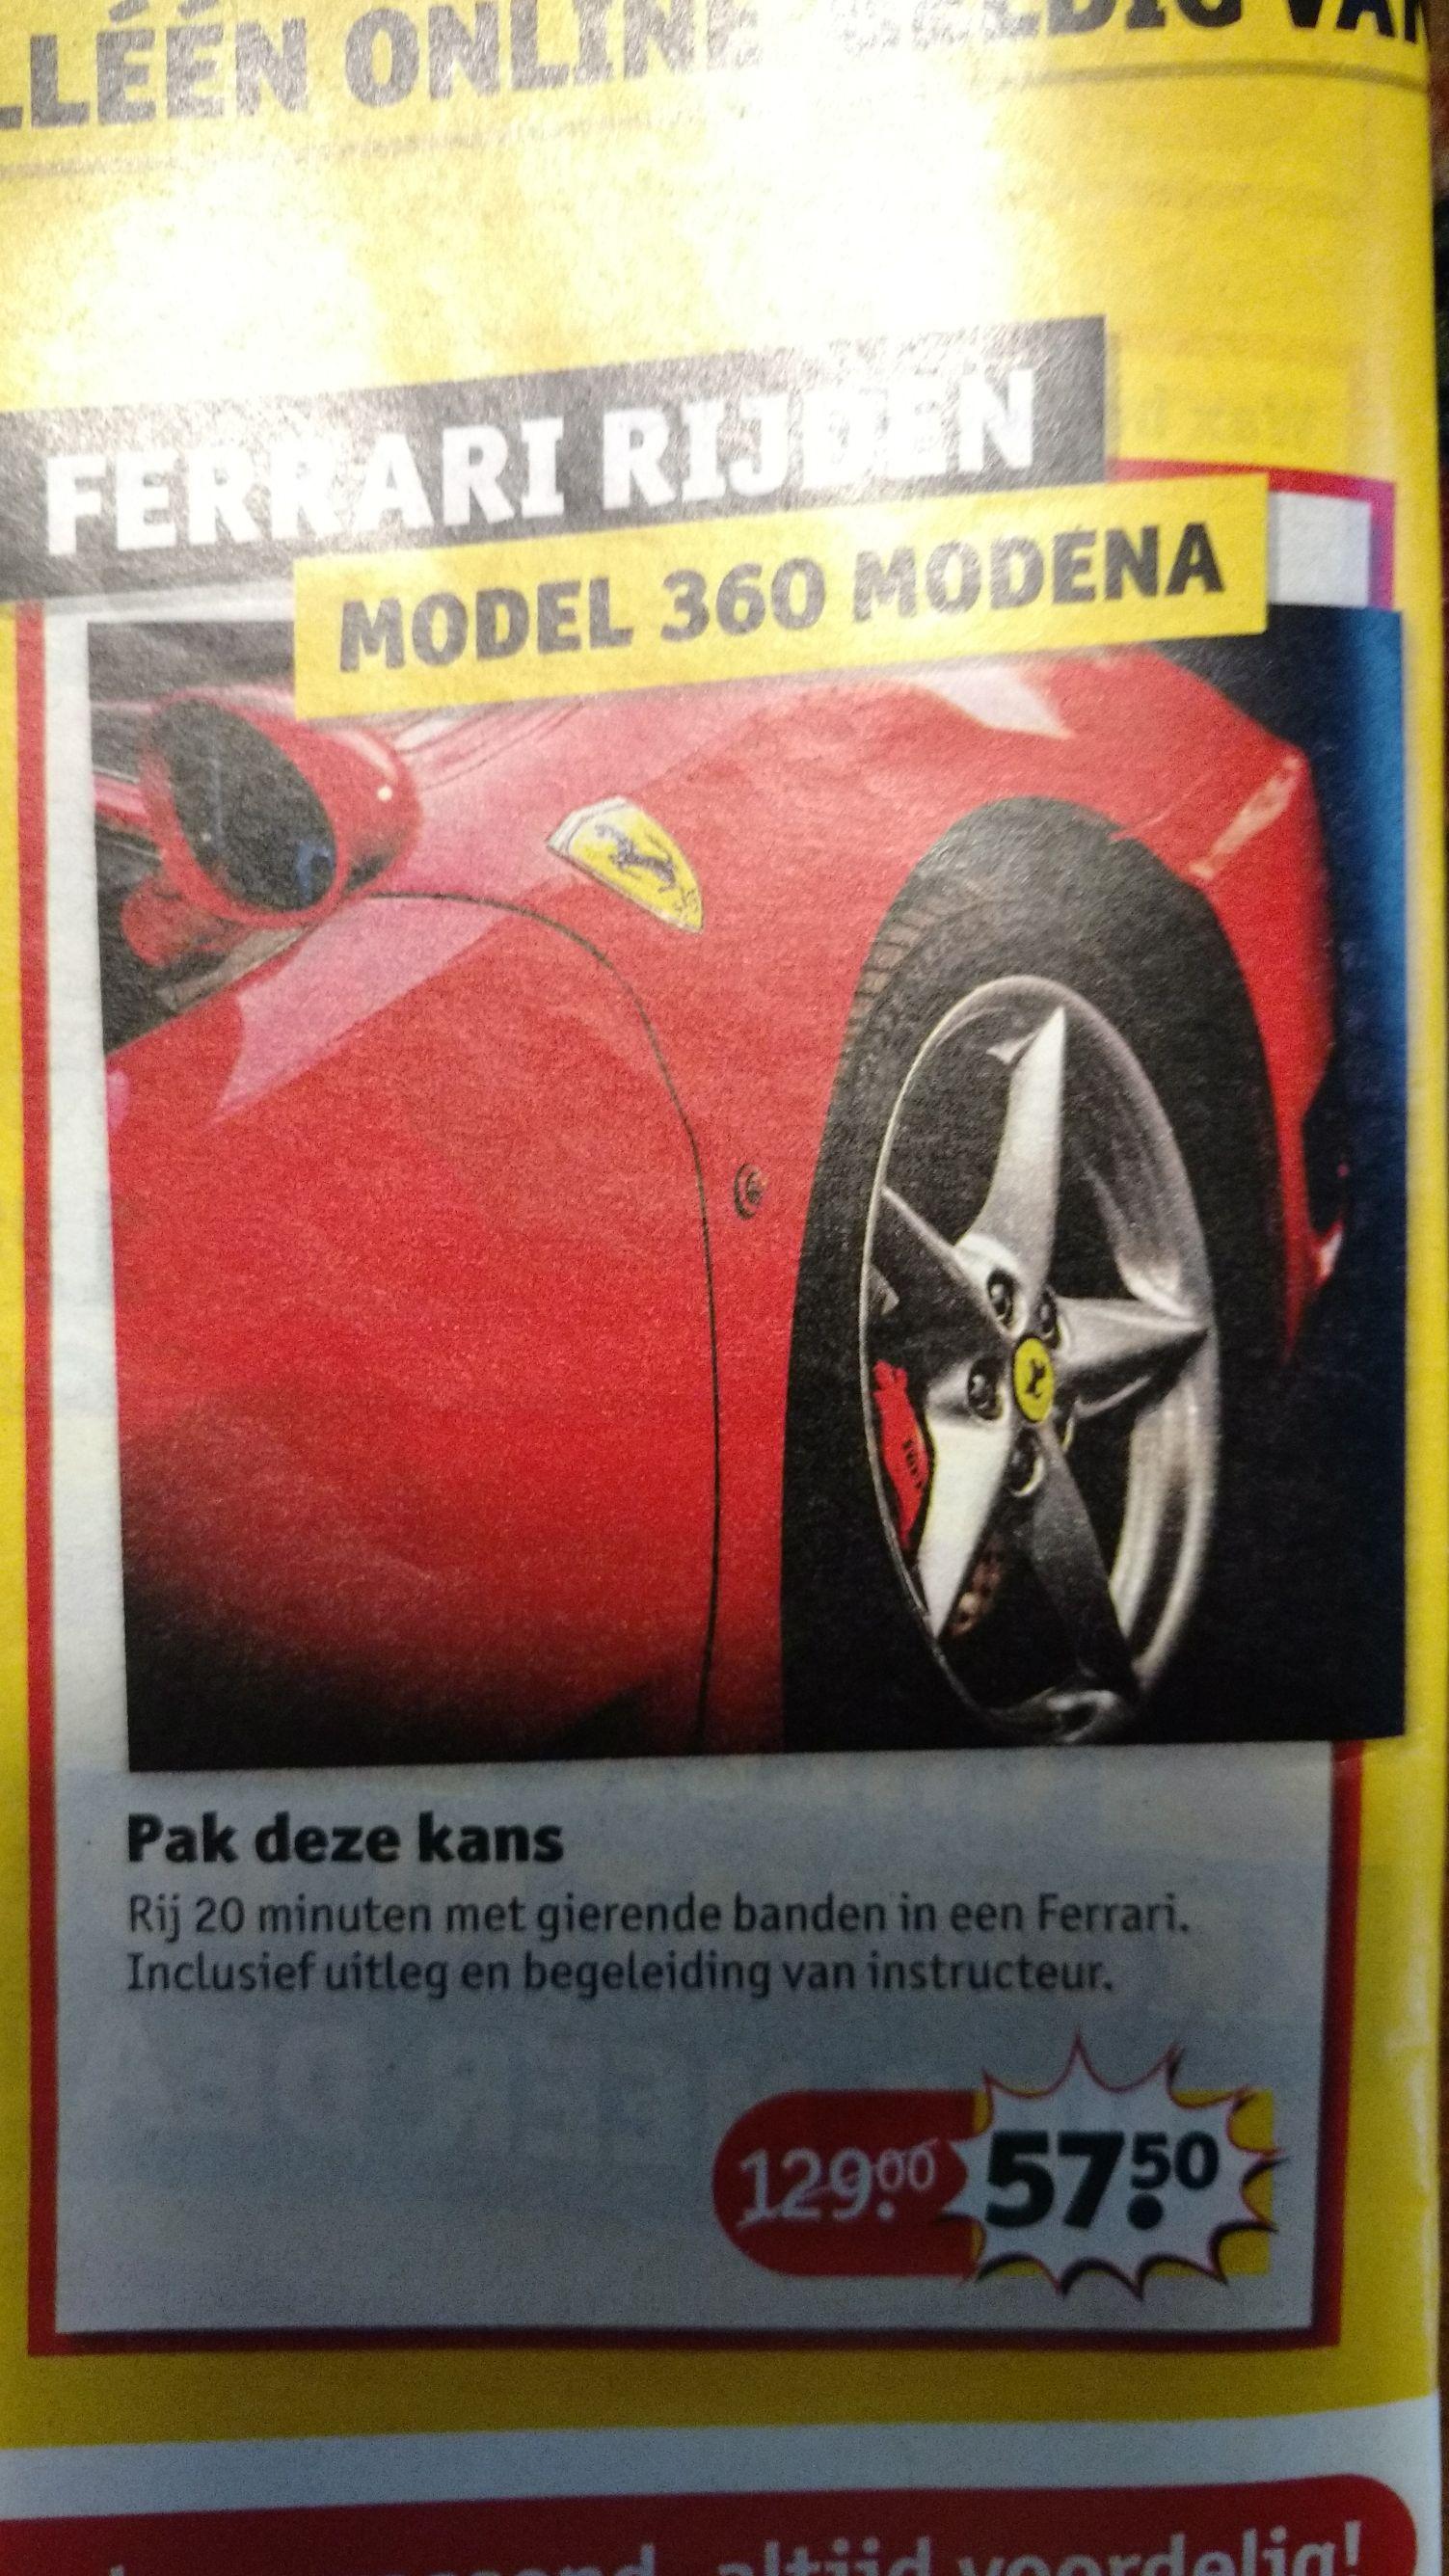 Ferrari rijden (20 min)